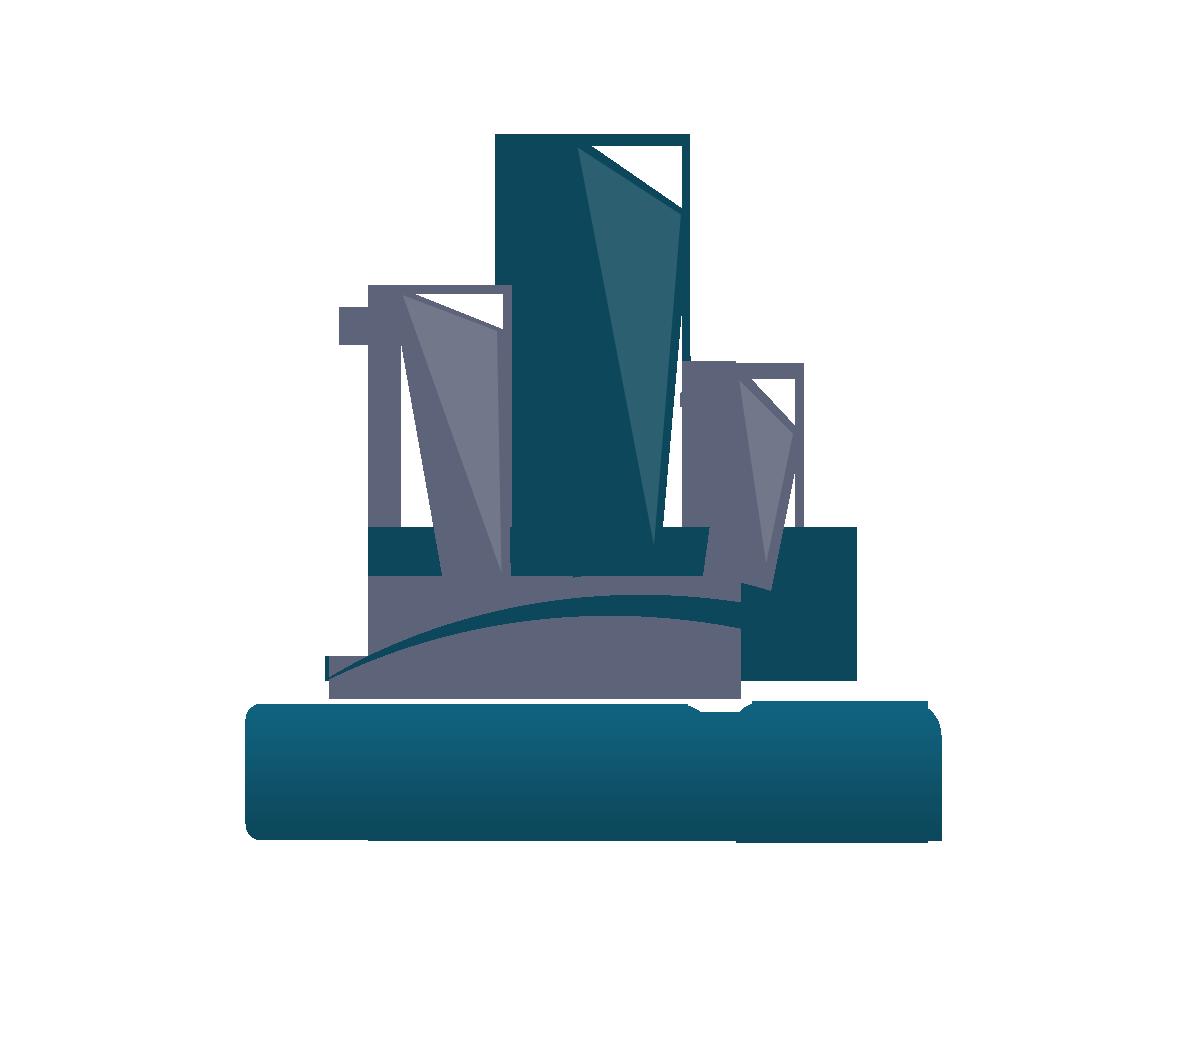 ECBM - Entreprise générale du batiment depuis 1991